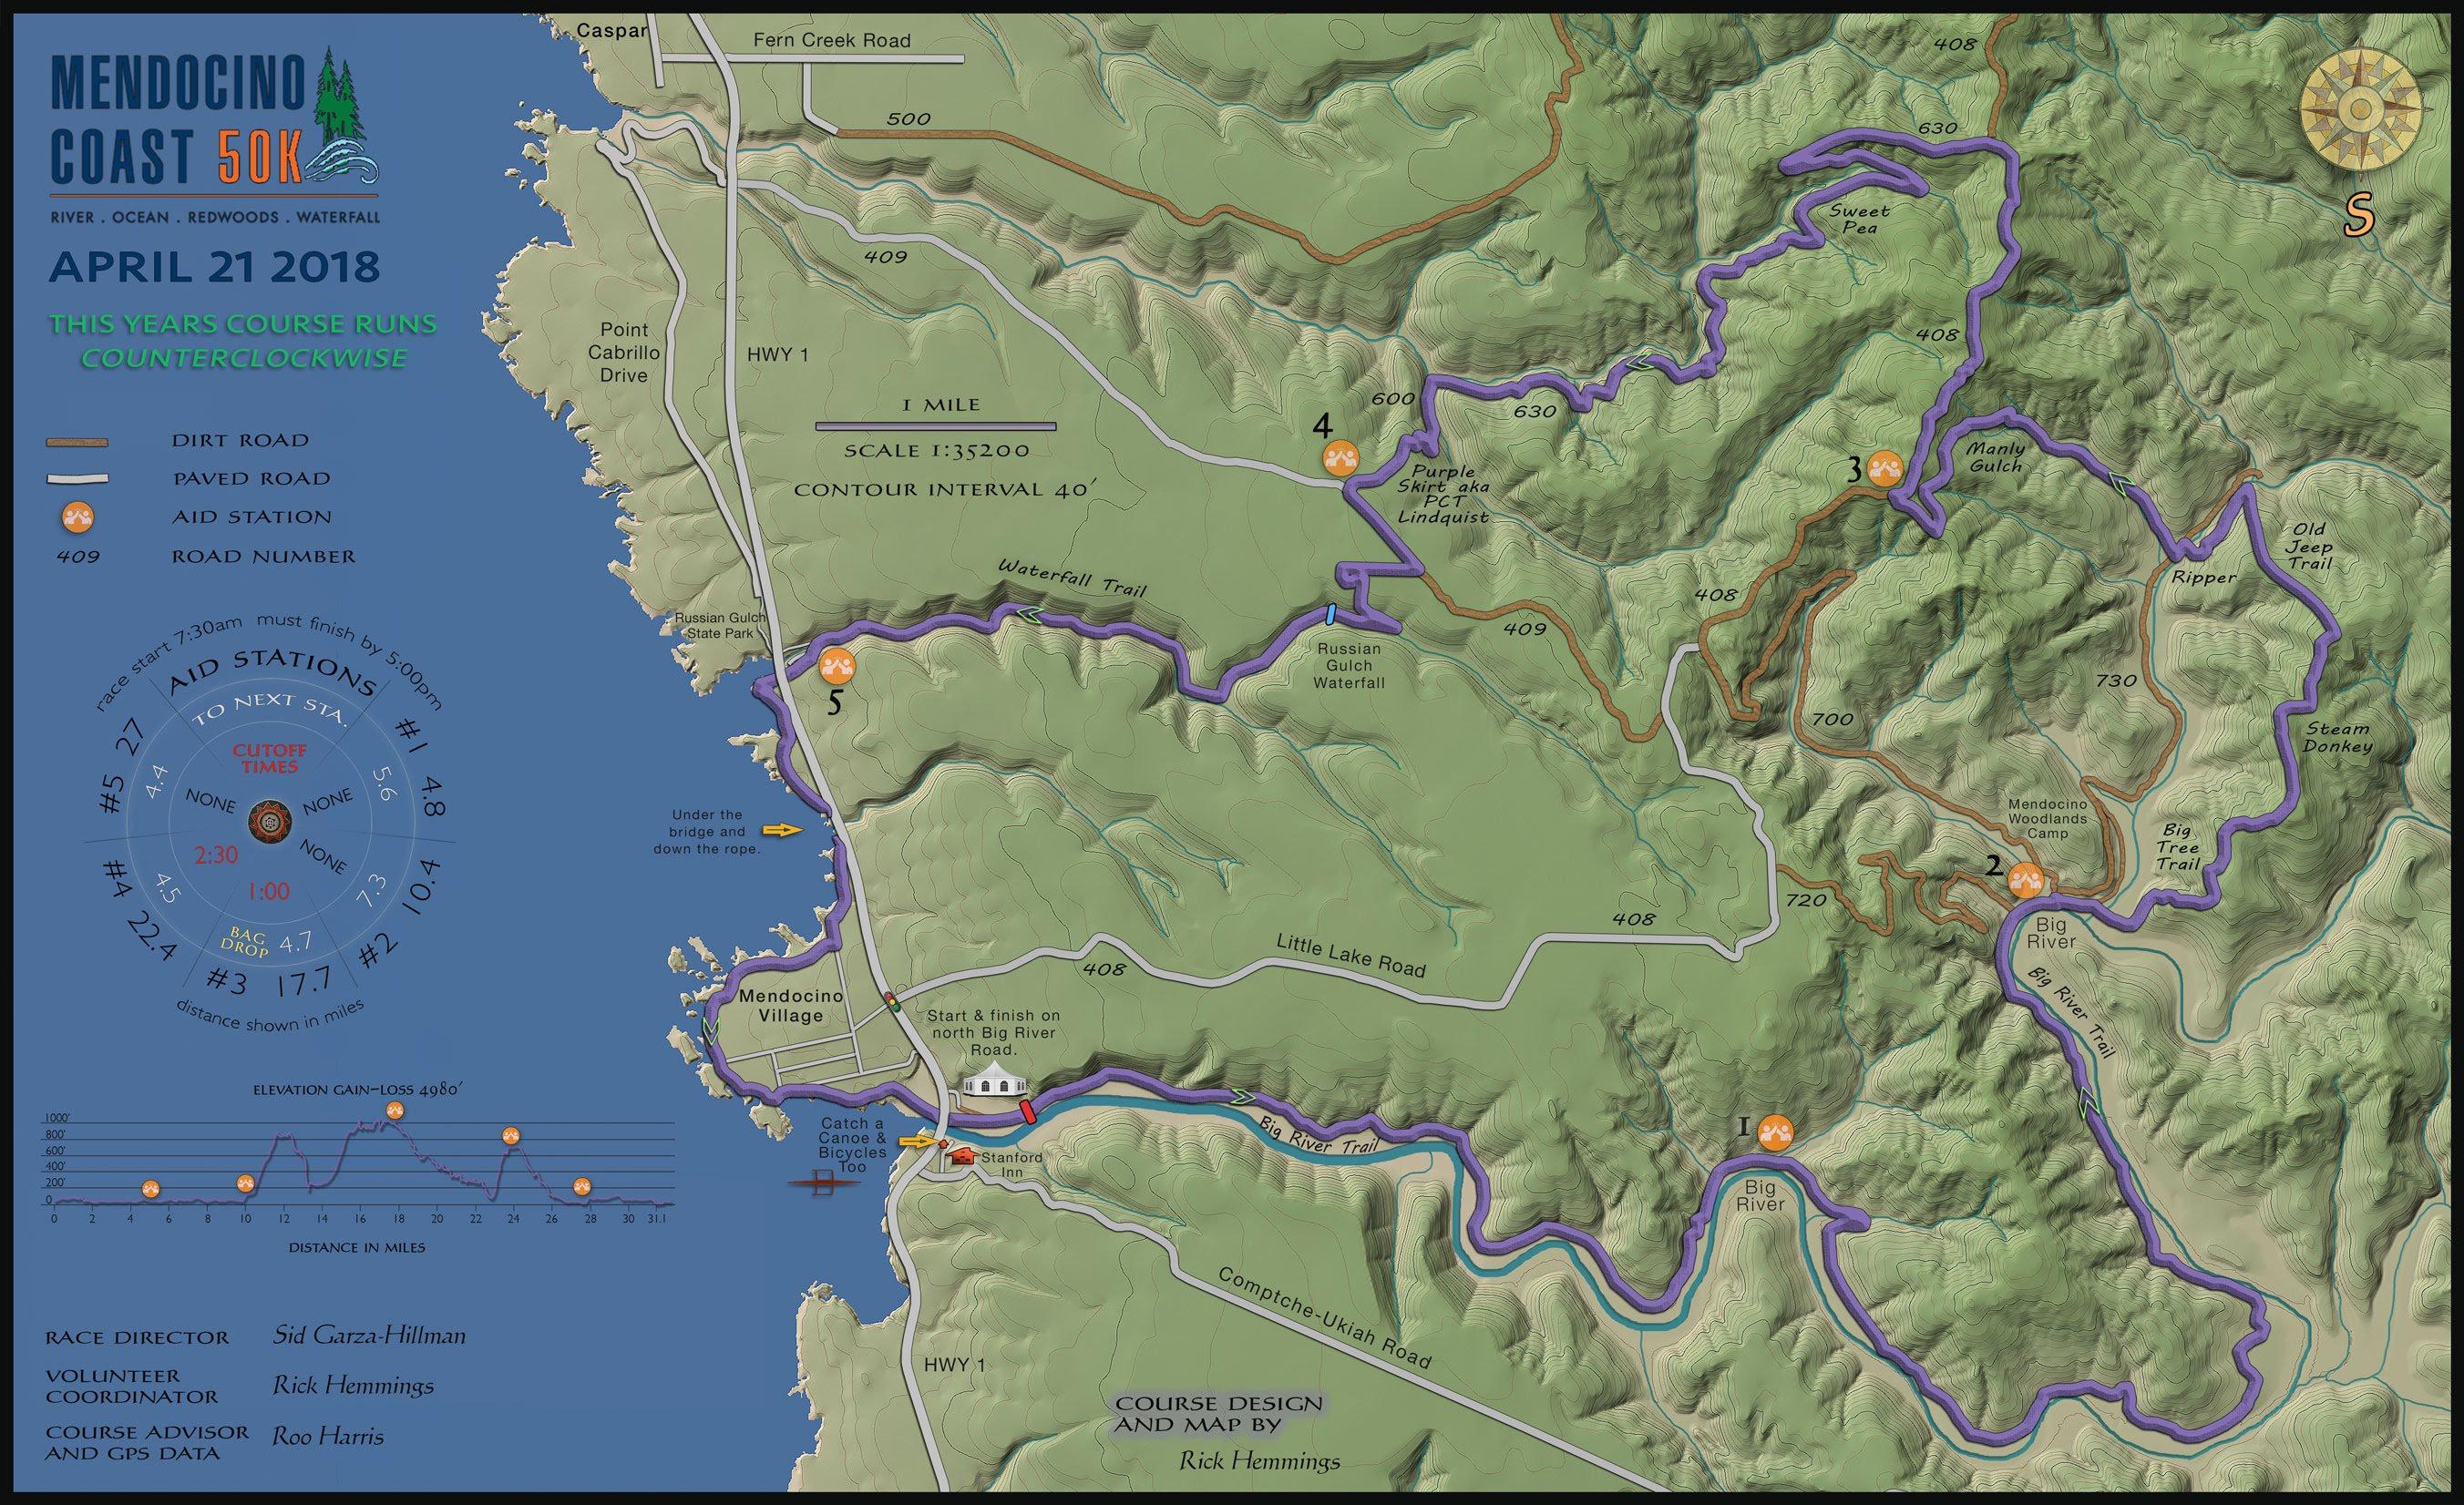 Mendocino Coast 50K Course Map